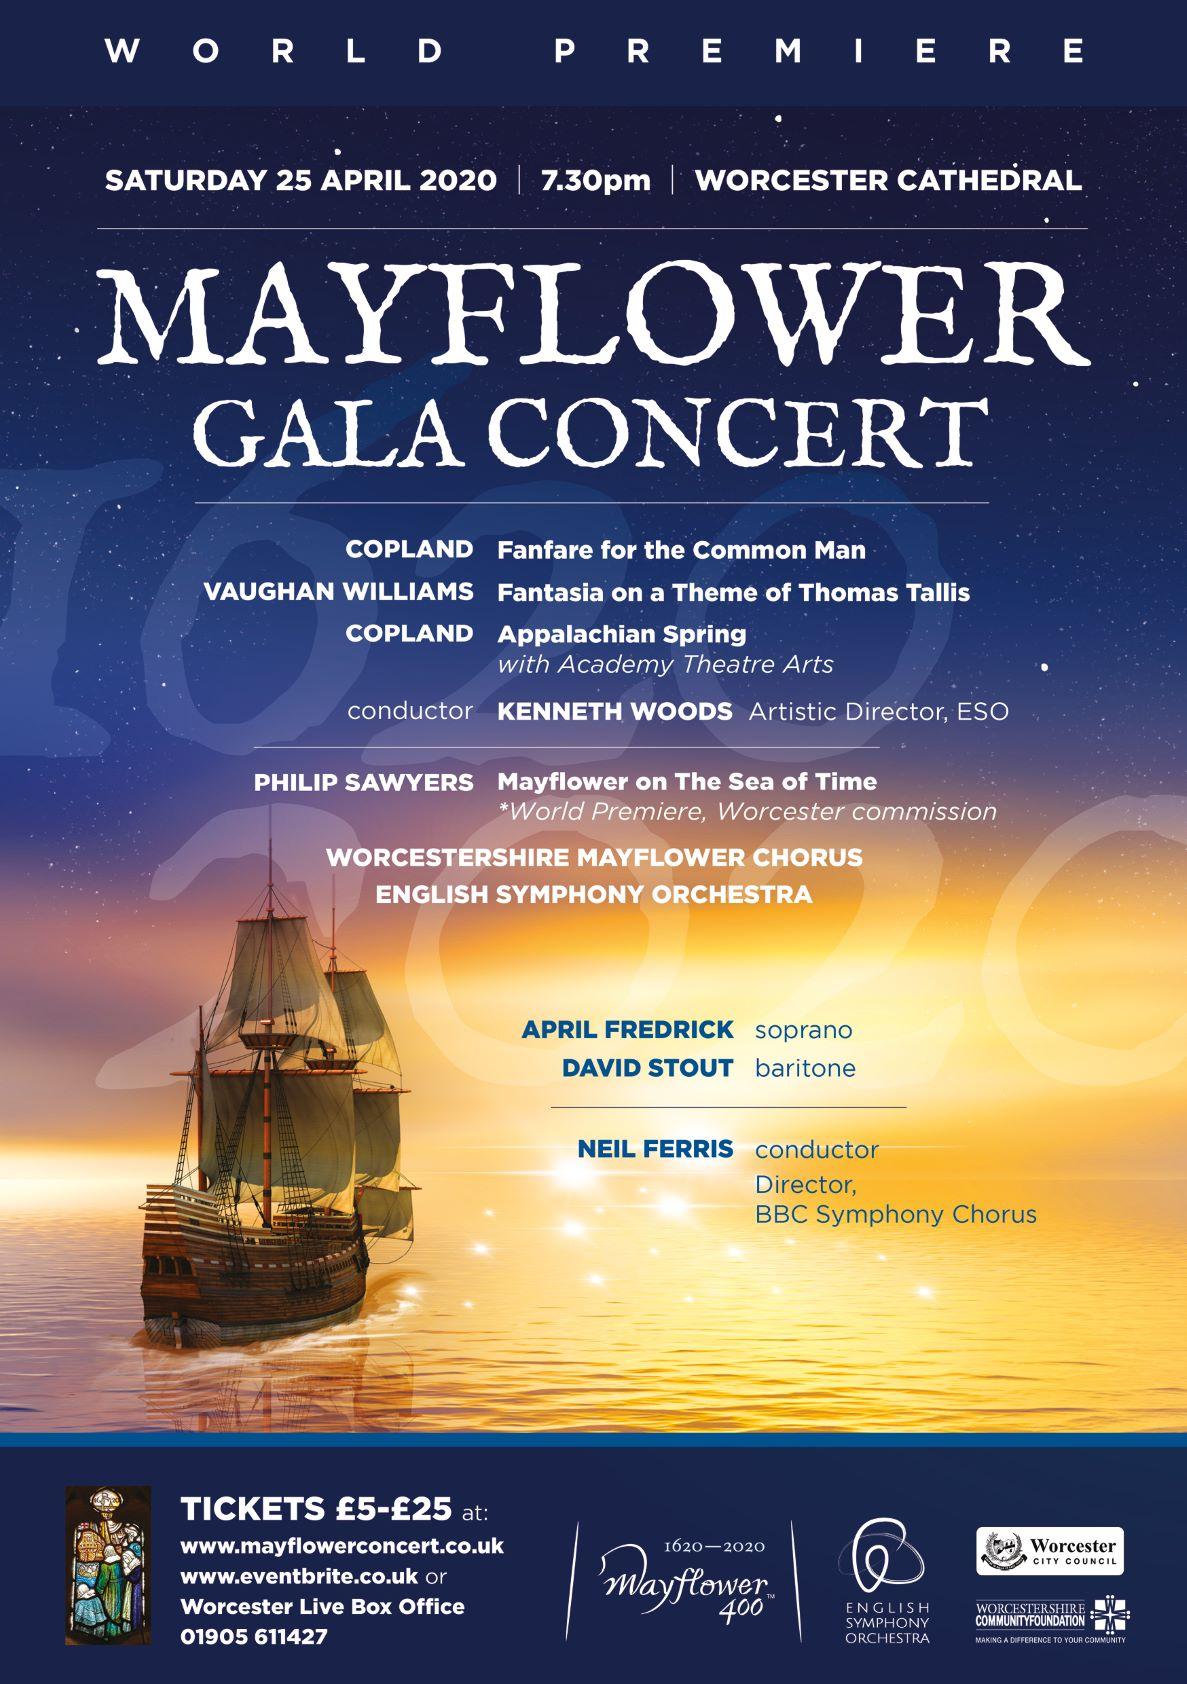 Mayflower Gala Concert Poster